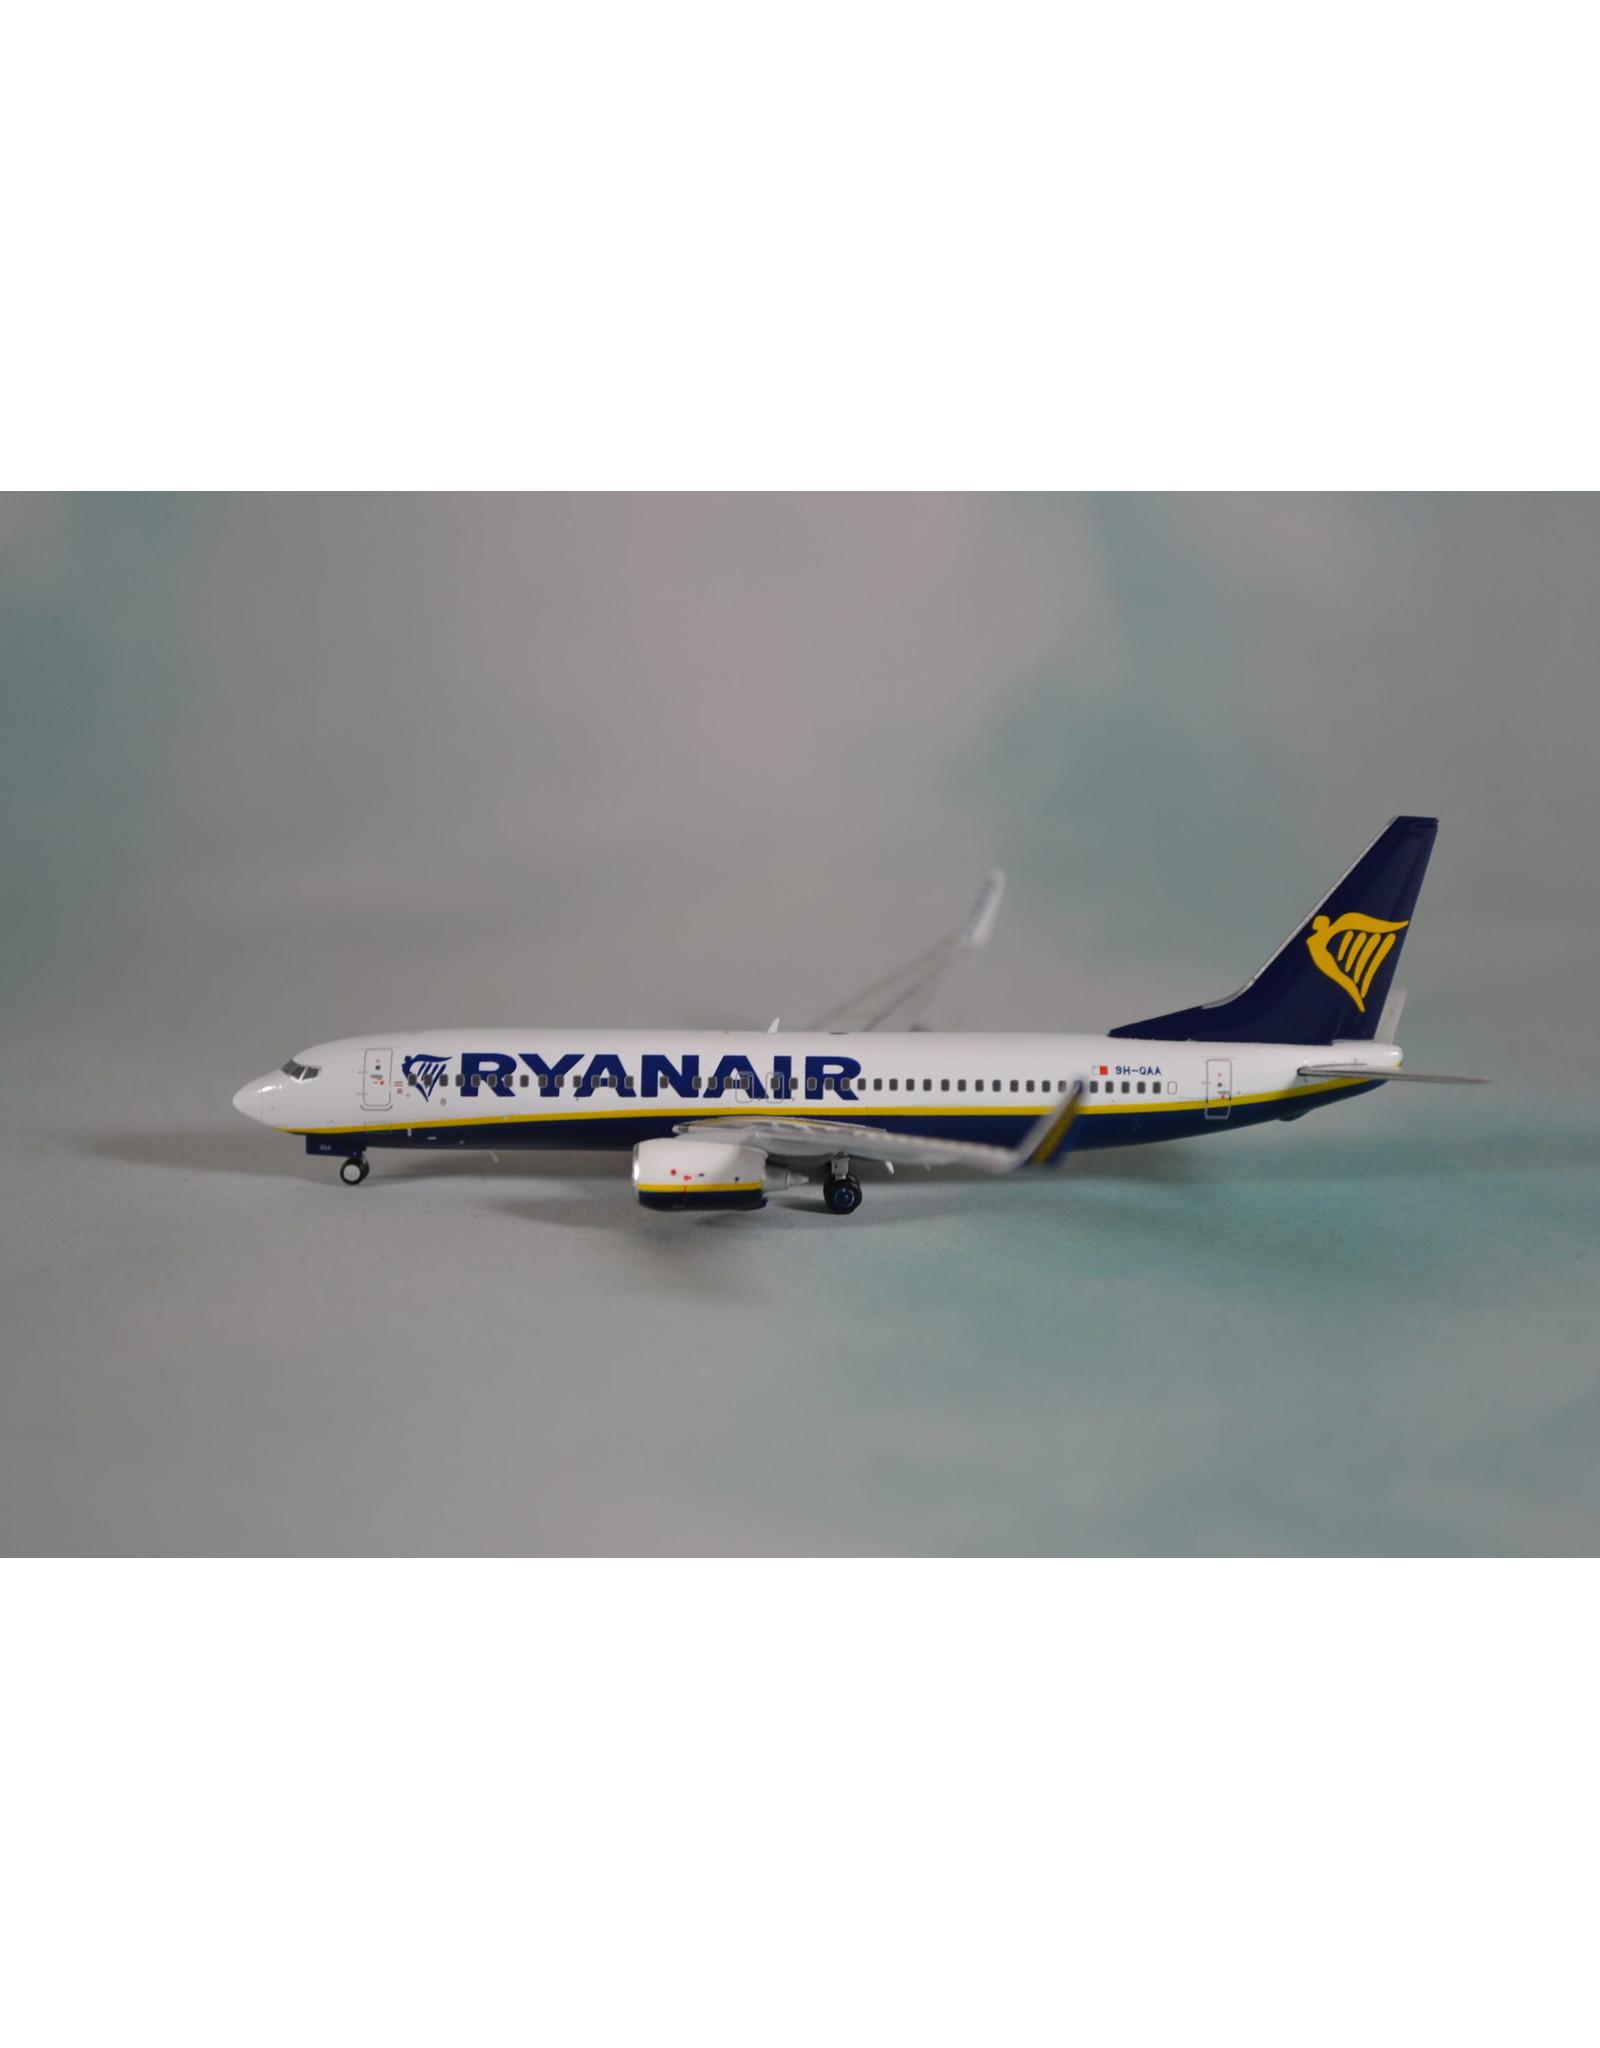 JC Wings JC4 Malta Air (Ryanair) 737-800 9H-QAA